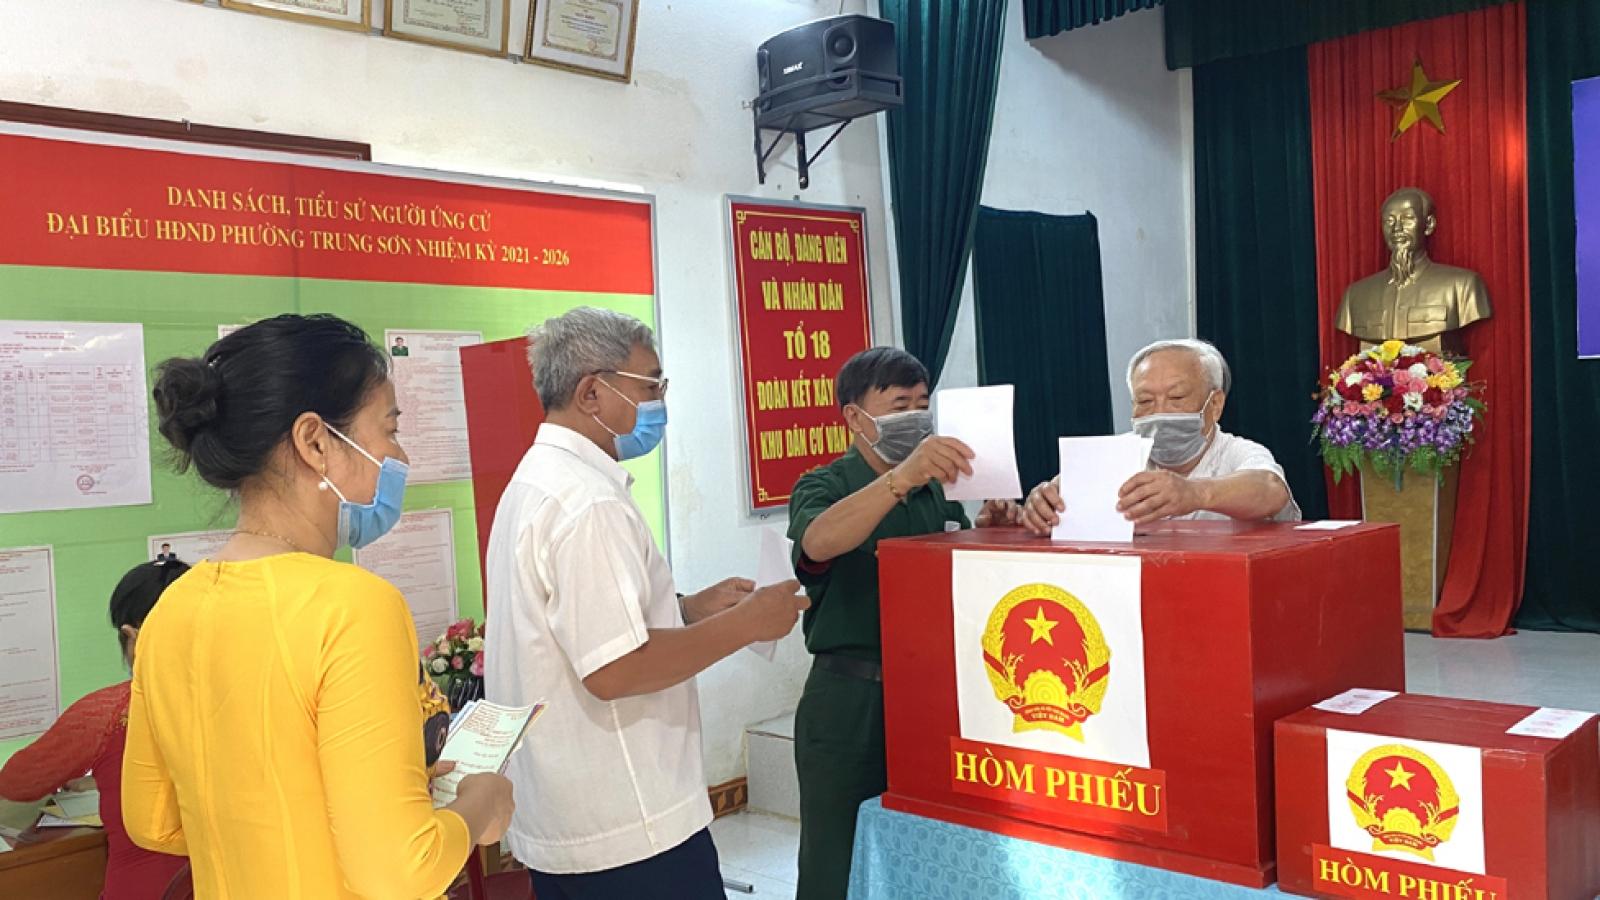 Ninh Bình bầu đủ 50 đại biểu HĐND tỉnh, nhiệm kỳ 2021-2026